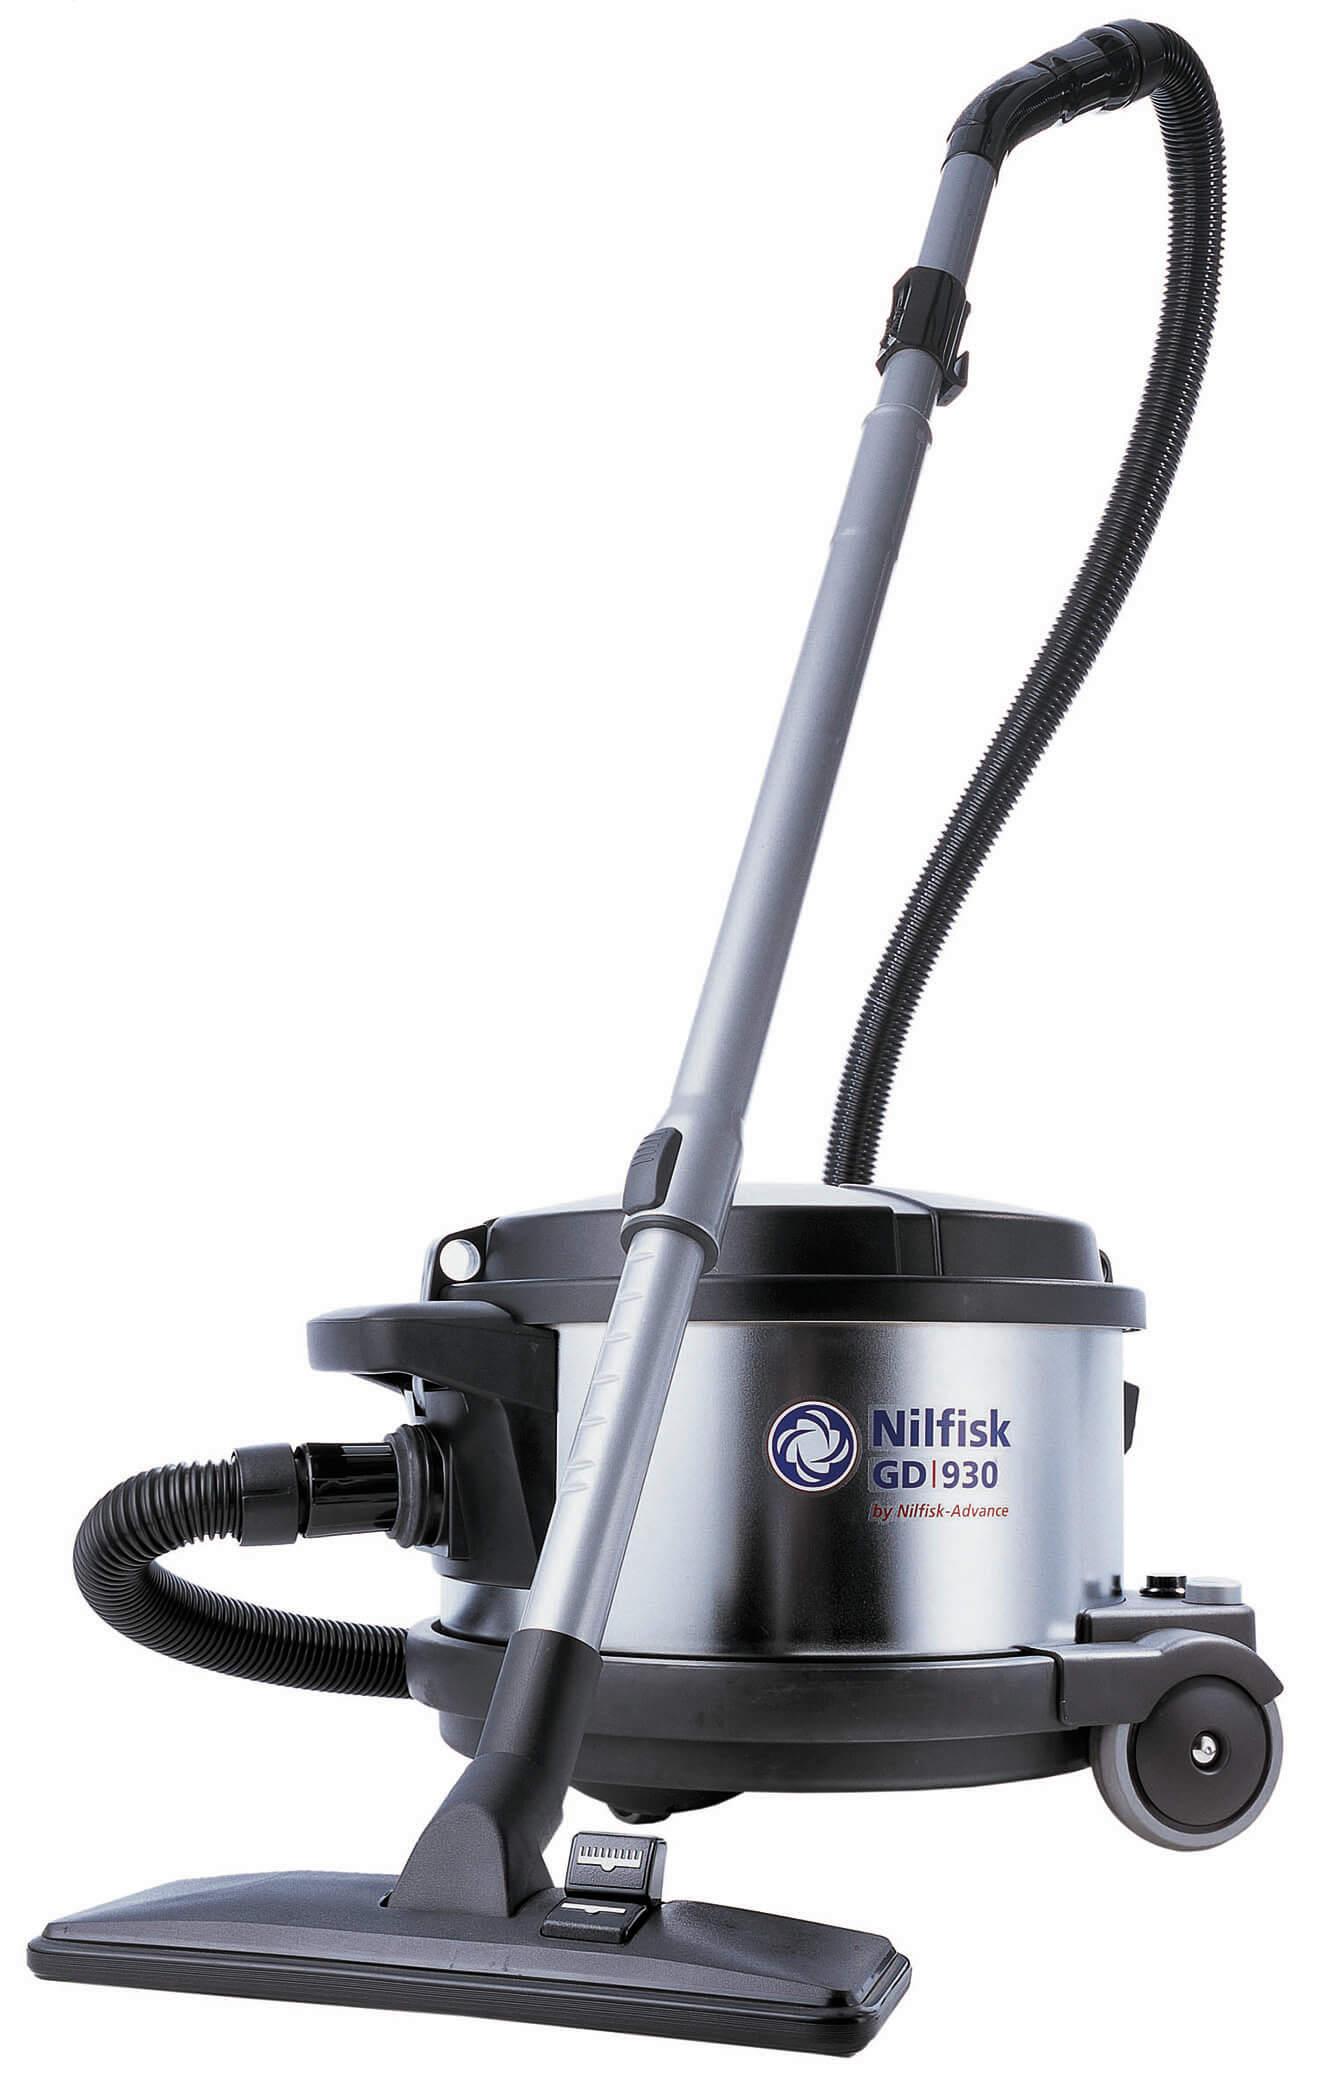 GD930 Vacuum | Nilfisk Industrial Vacuums Vacuum